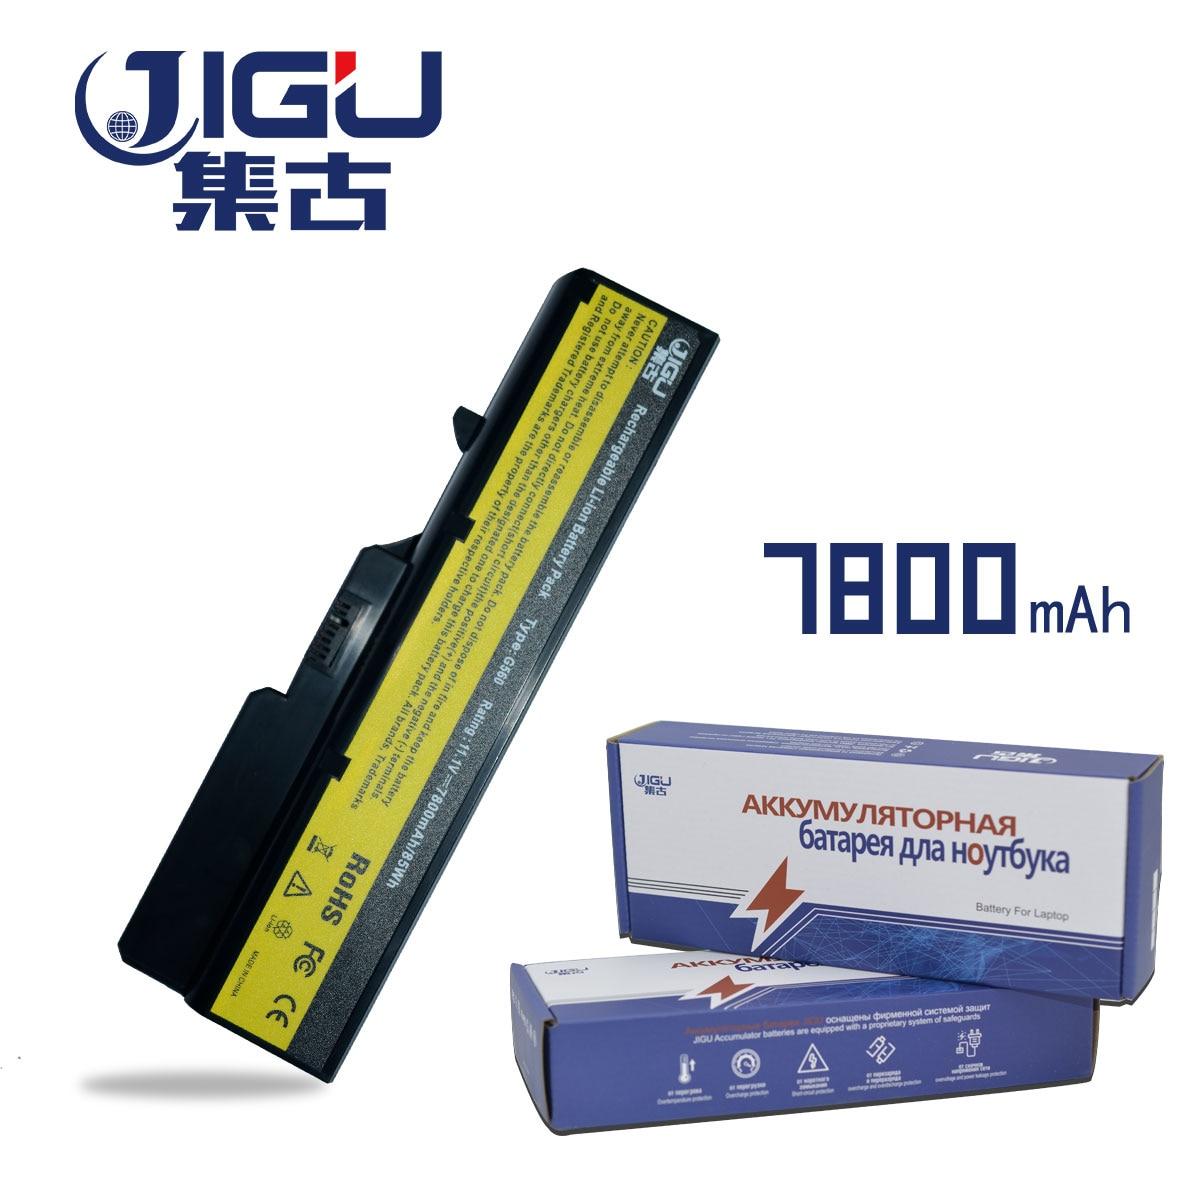 JIGU 9 Cells Laptop Battery For Lenovo E47G E47L IdeaPad G465 G470 G475 G560 G565 G570 G780 G770 V360 V370 V470 V570 Z370 laptop battery for lenovo ideapad g460 g465 g470 g475 g560 g565 g570 g575 g770 z460 v360 v370 v470 l09m6y02 l10m6f21 l09s6y02